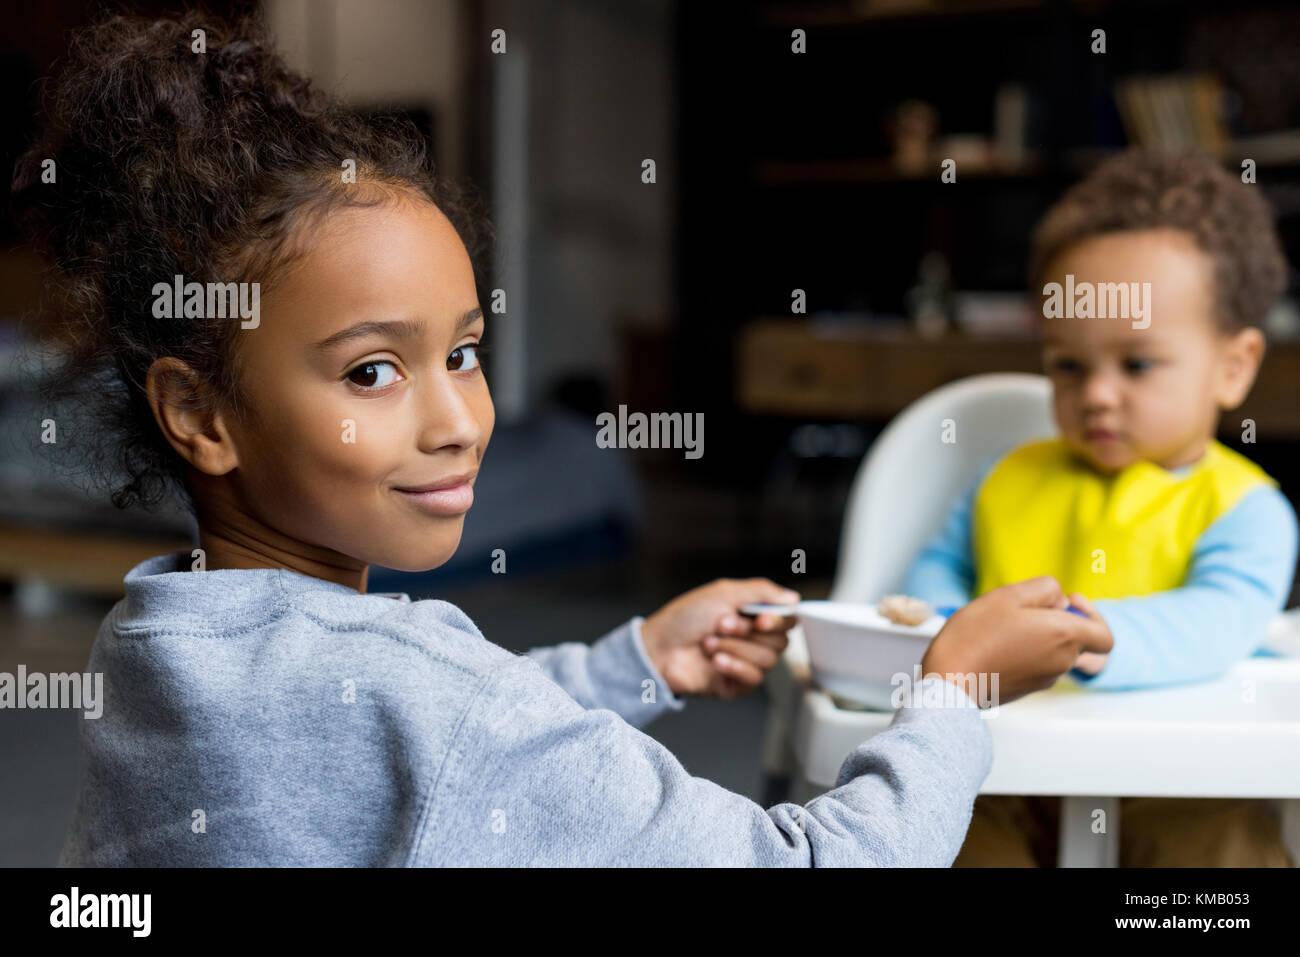 Nourrir son frère soeur Photo Stock